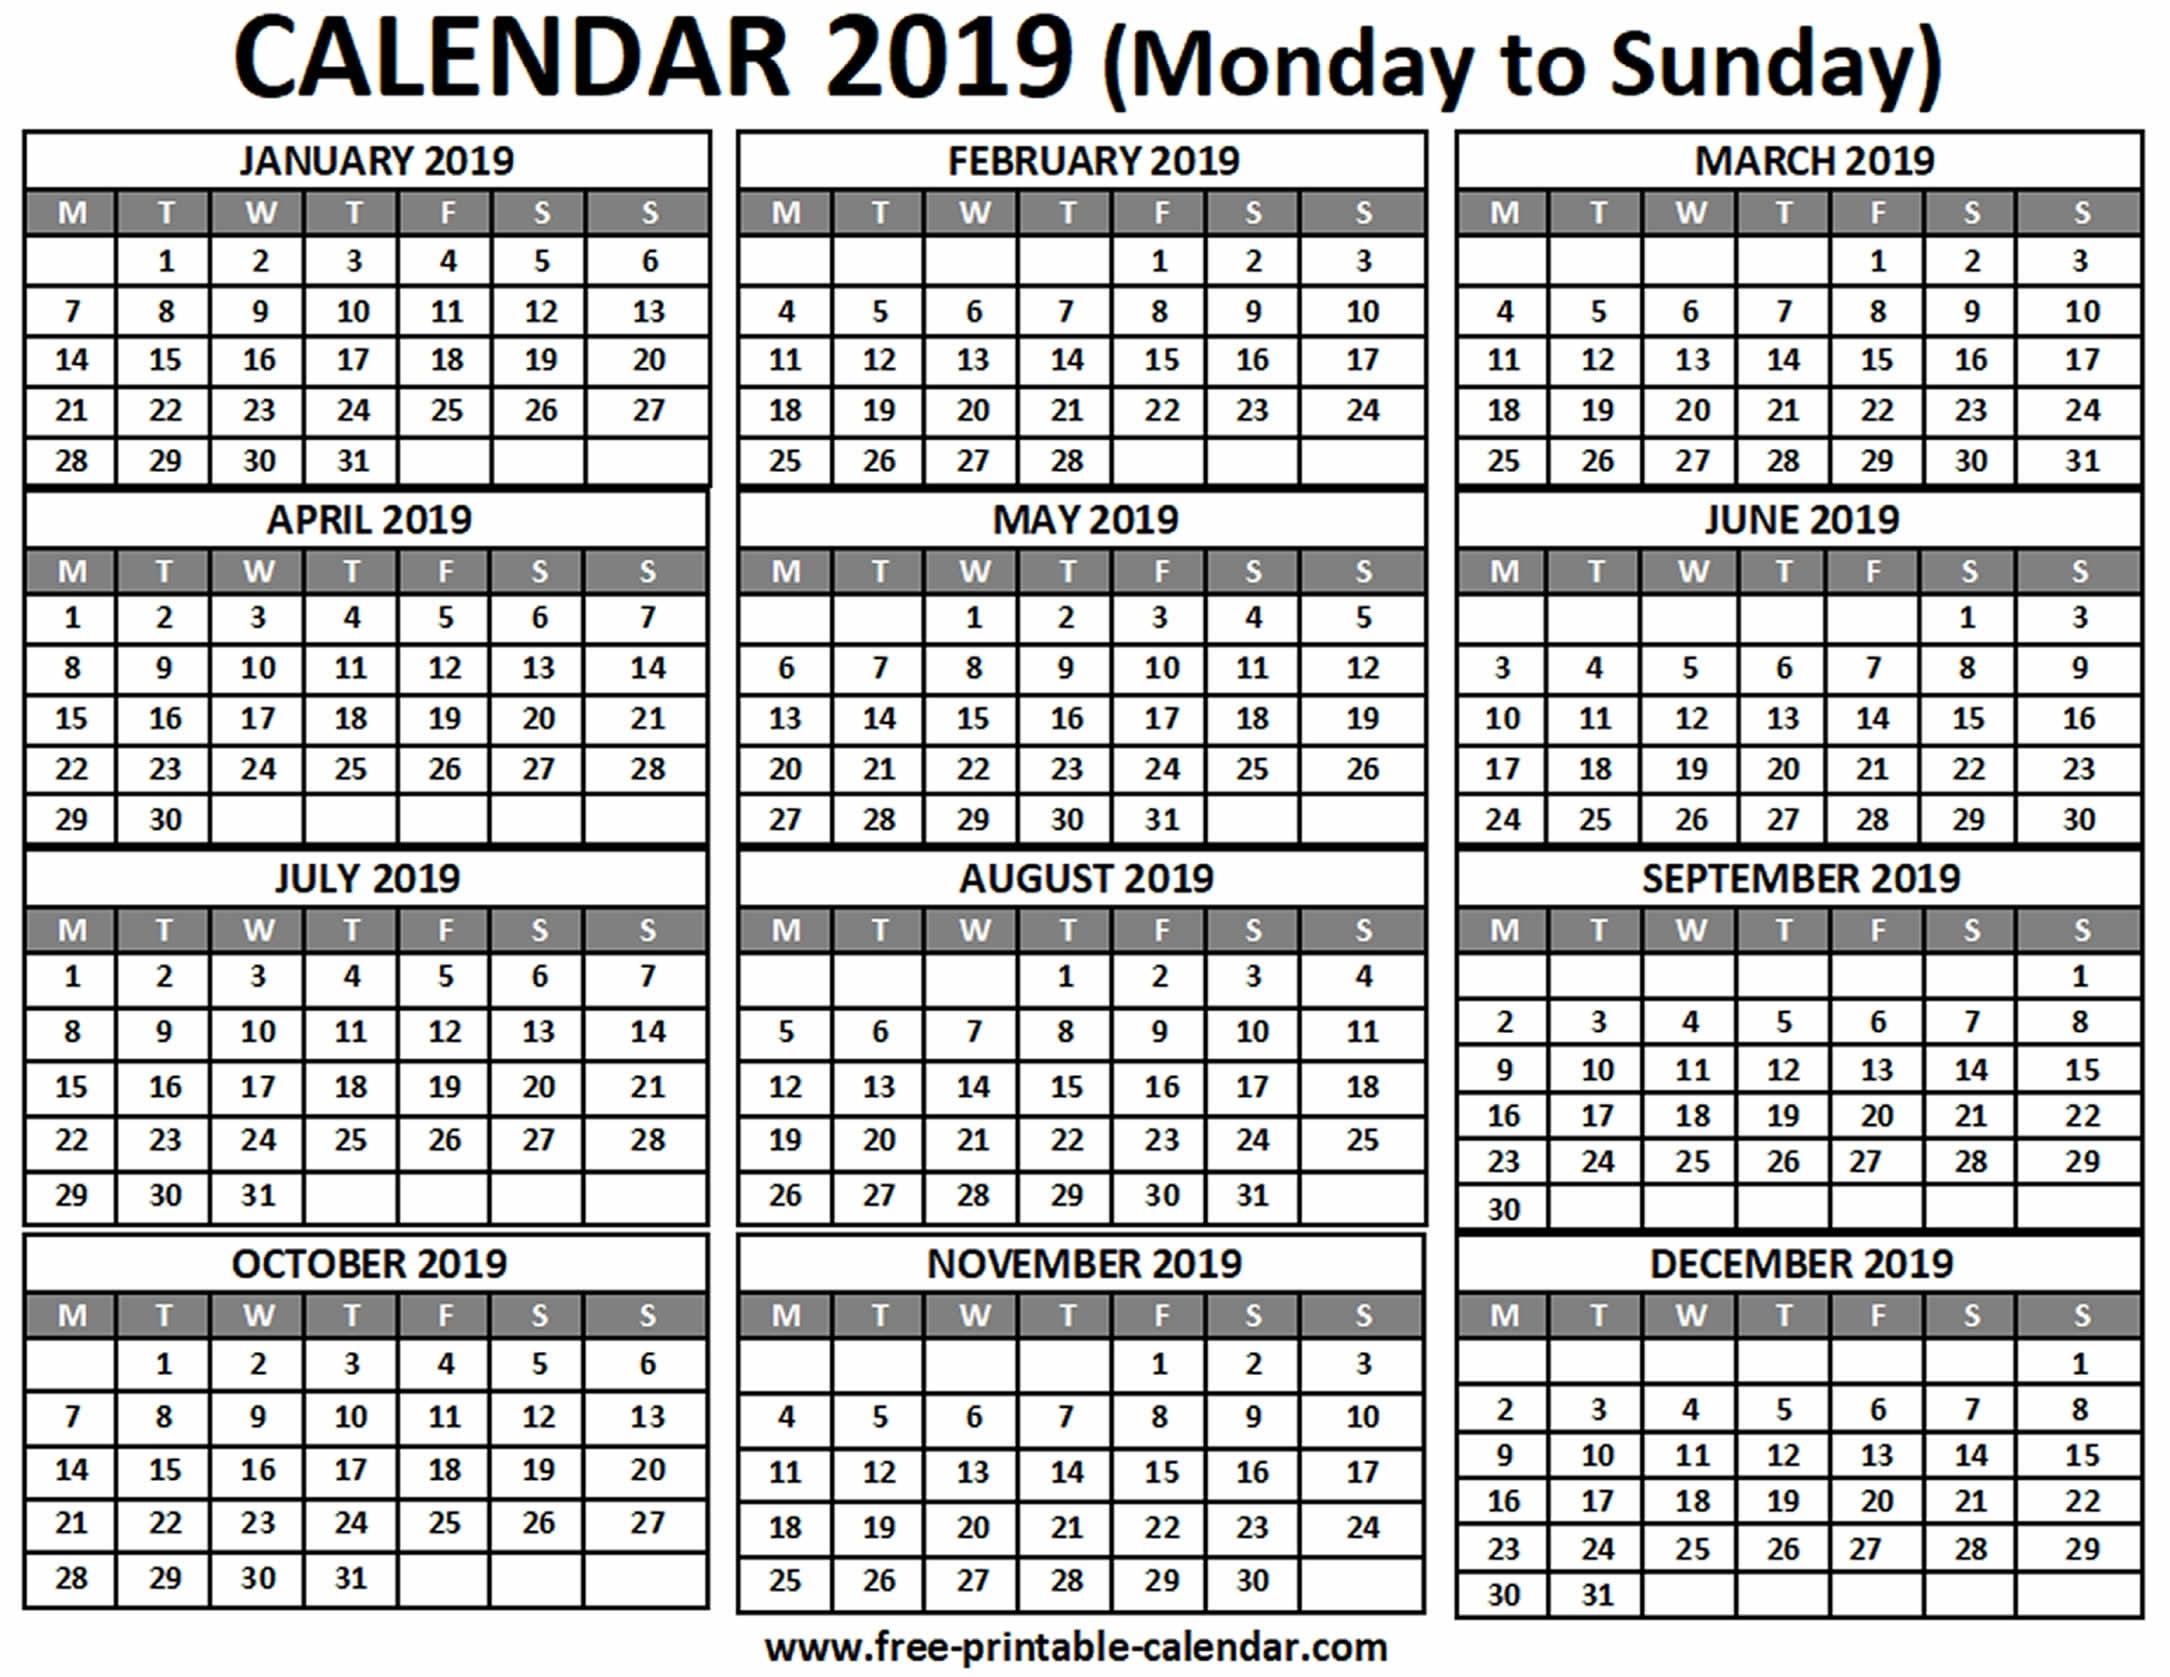 2019 Calendar - Free-Printable-Calendar throughout 2019 Free Printable Calendars Without Downloading